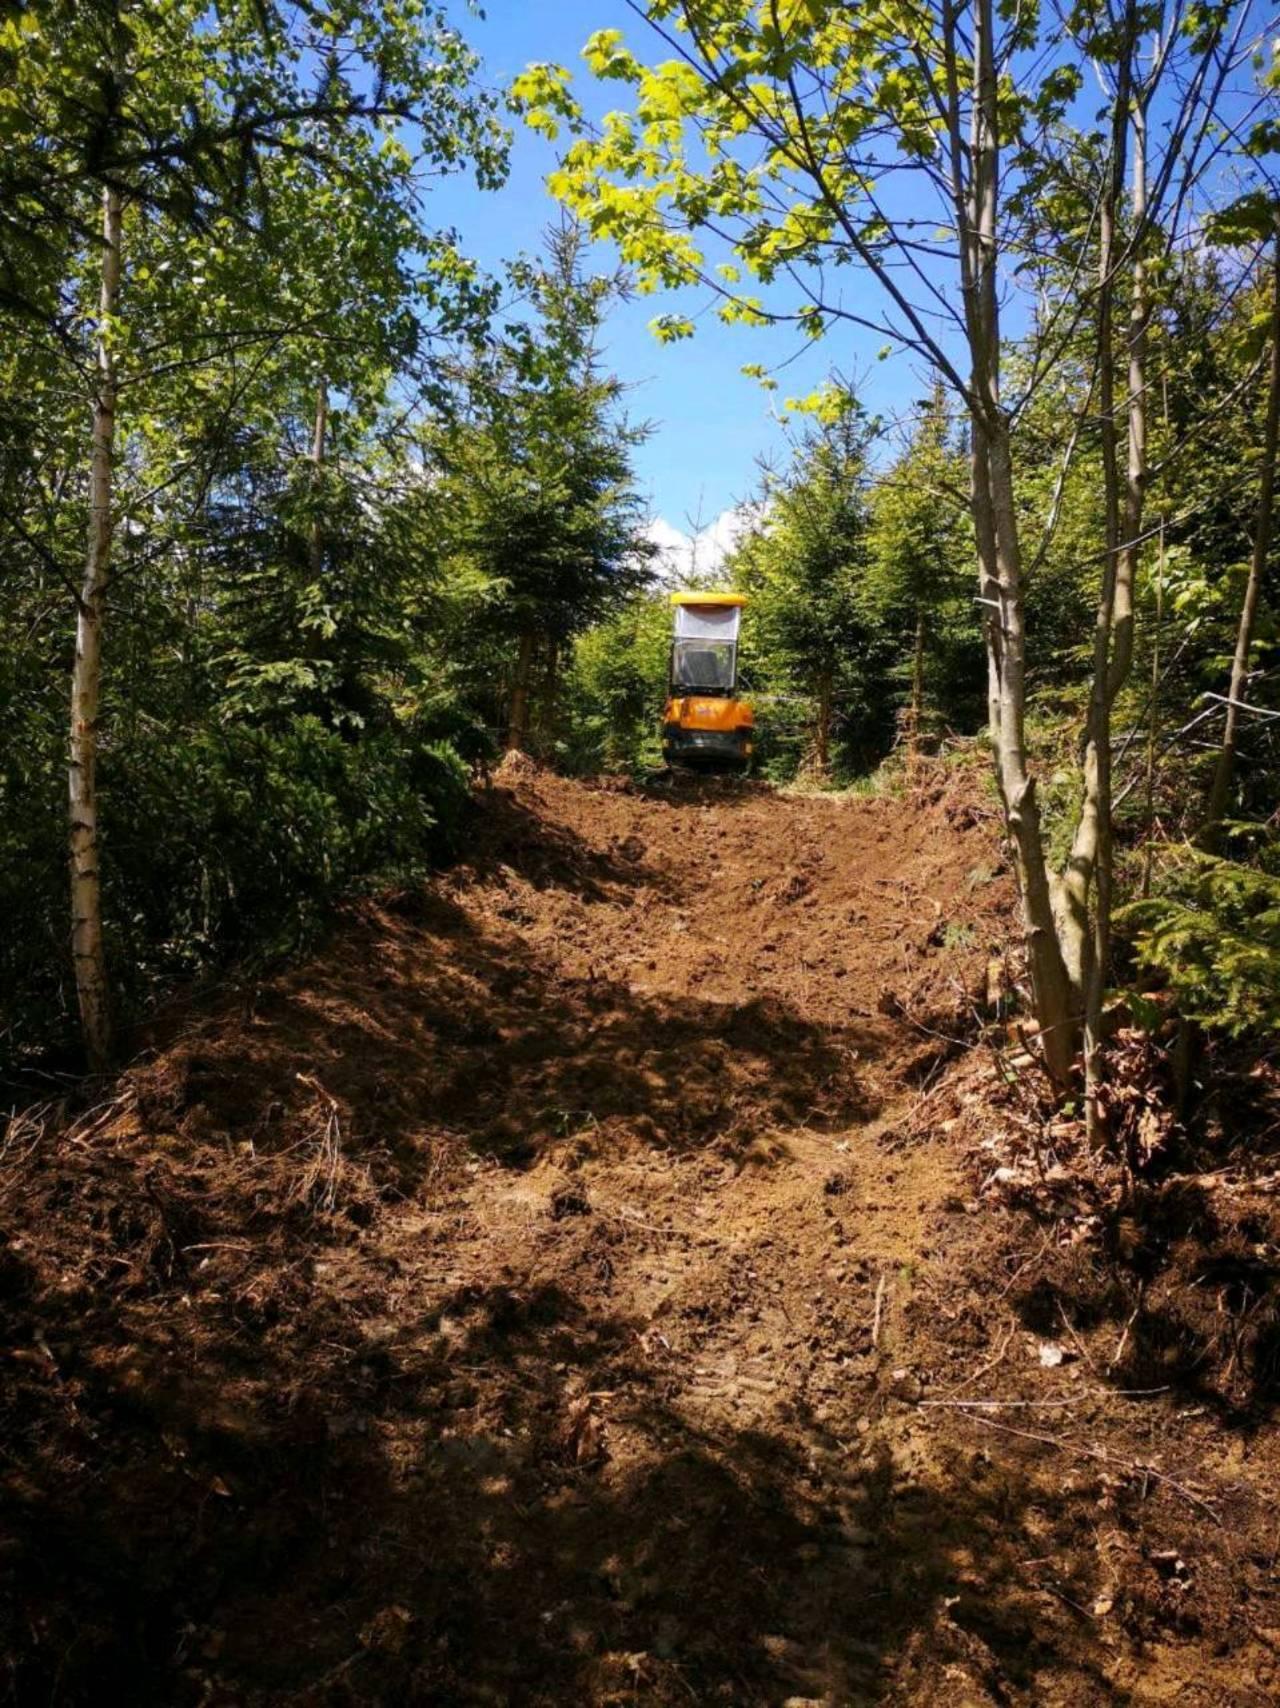 Geliebte Erdbauarbeiten Lohnunternehmer - auf www.landwirt.com @VZ_03